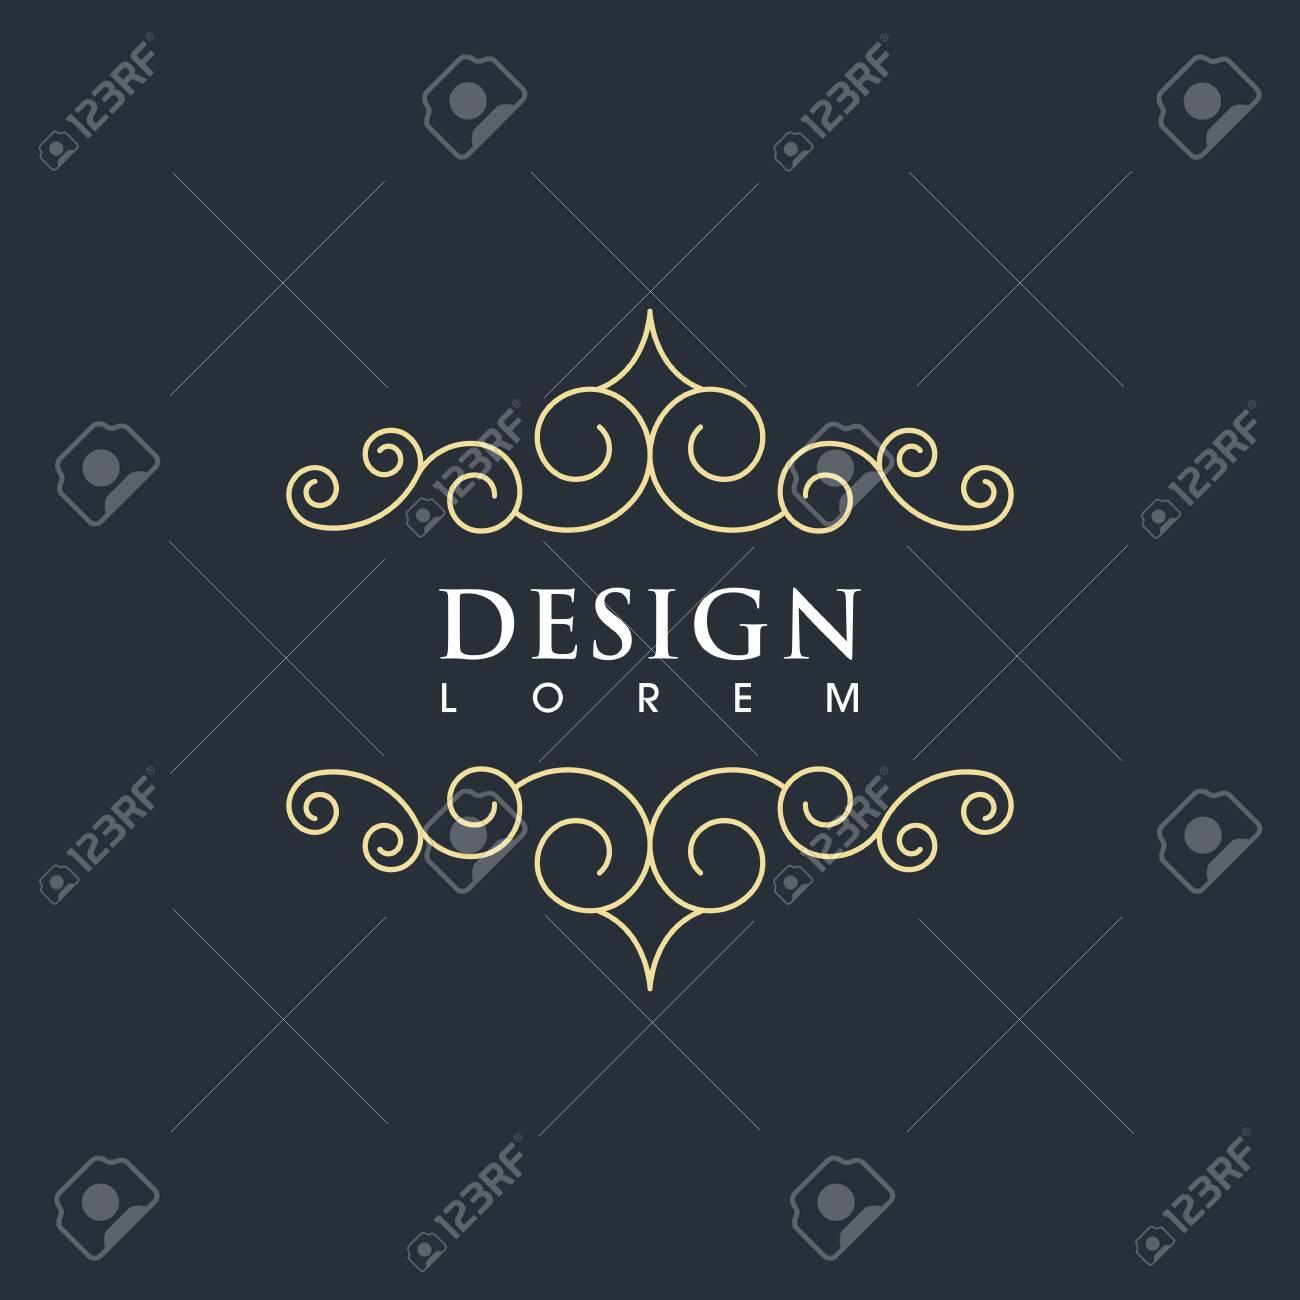 Vintage border line Template vector illustration design - 154672826